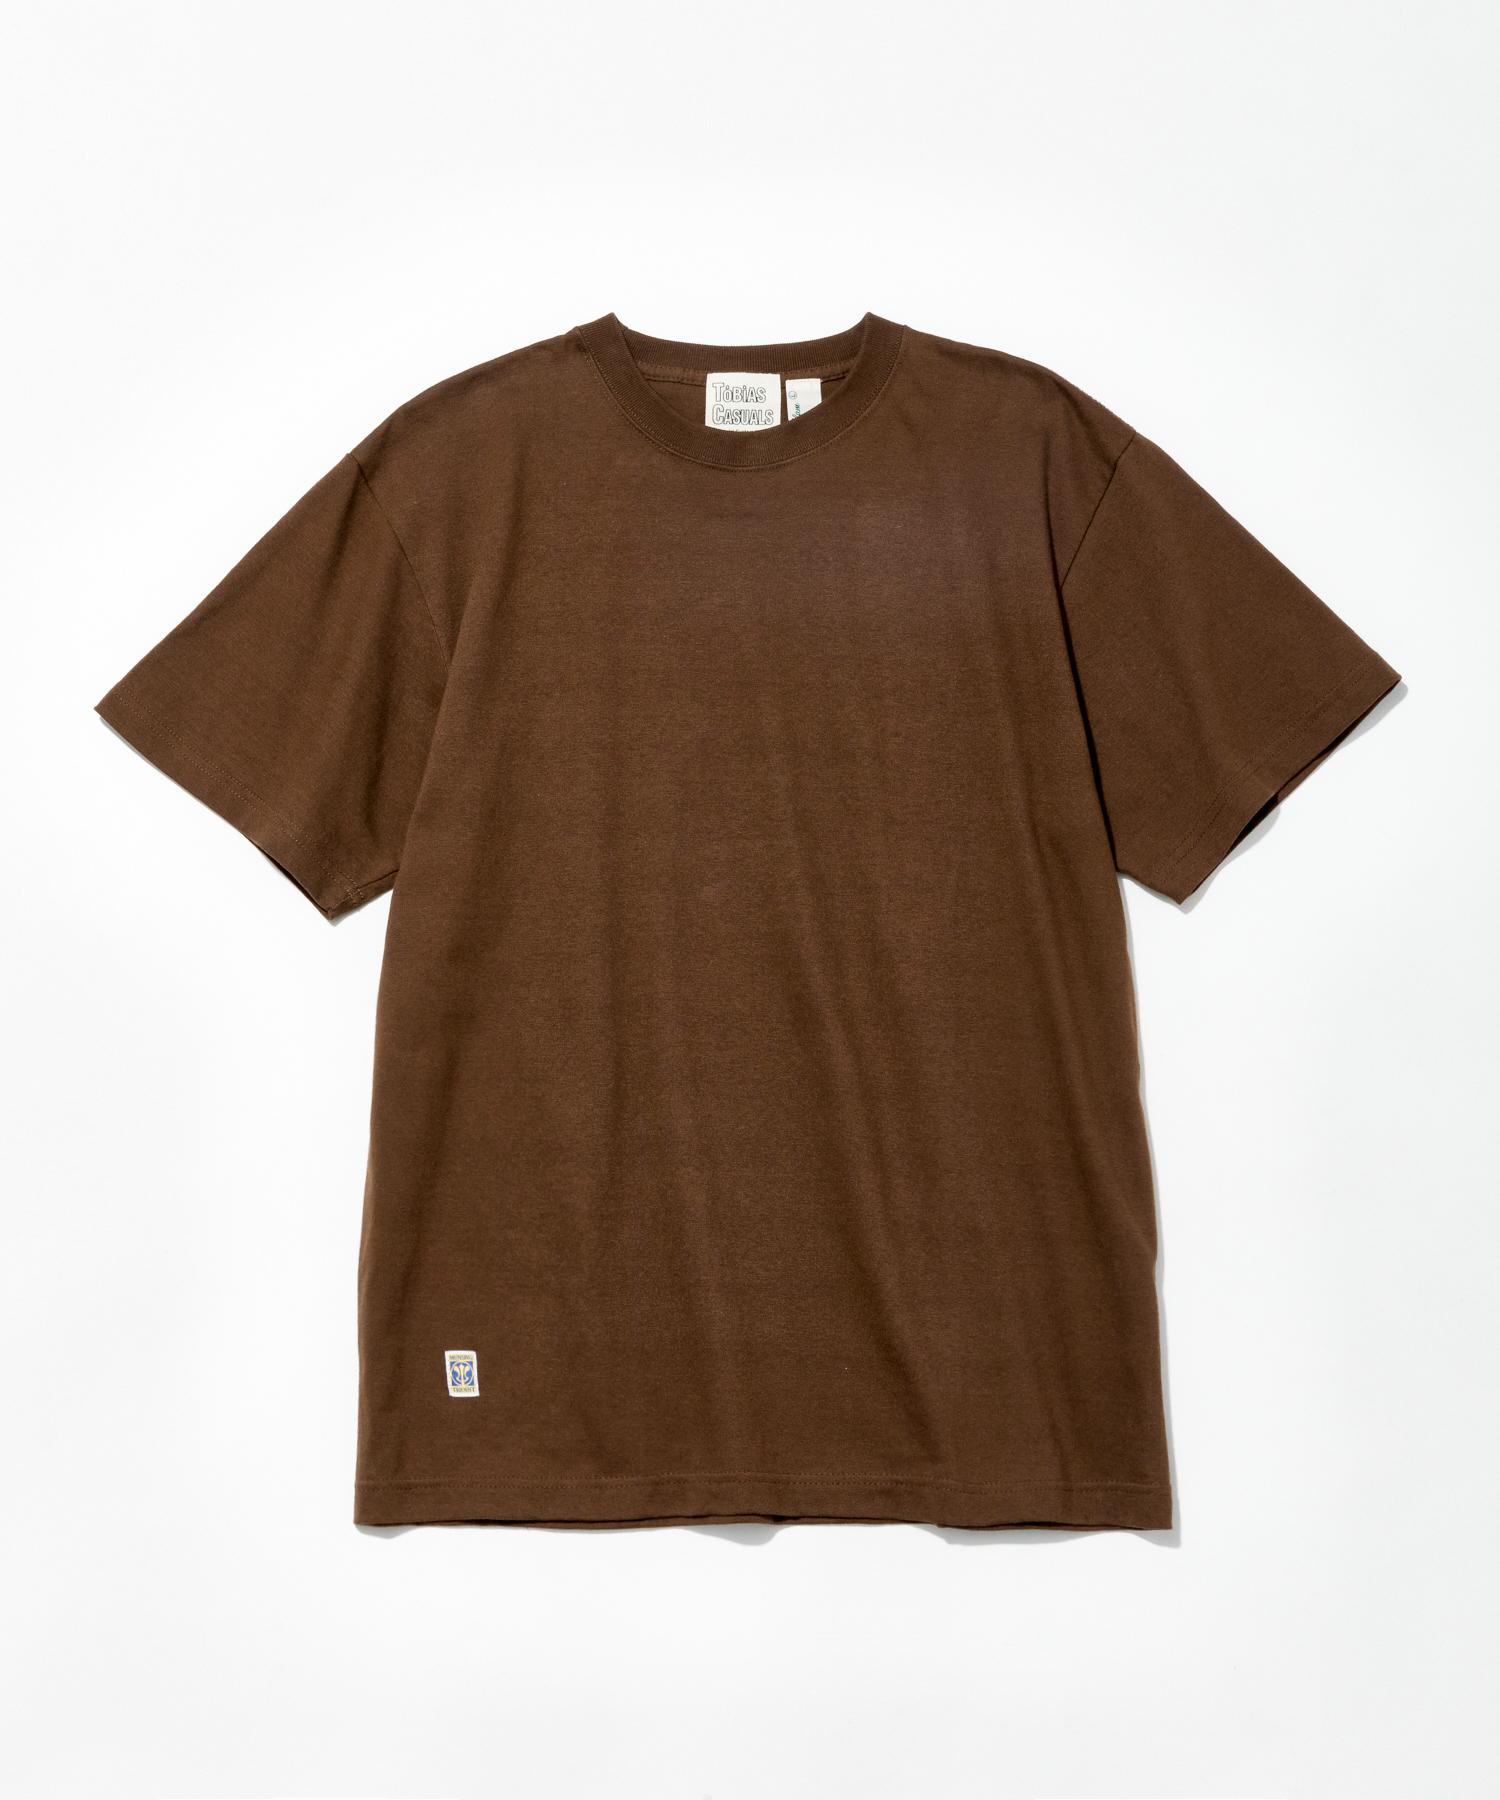 【Grand-Slam】TOBIAS CASUALS×Munsingwear コラボレーションTシャツ